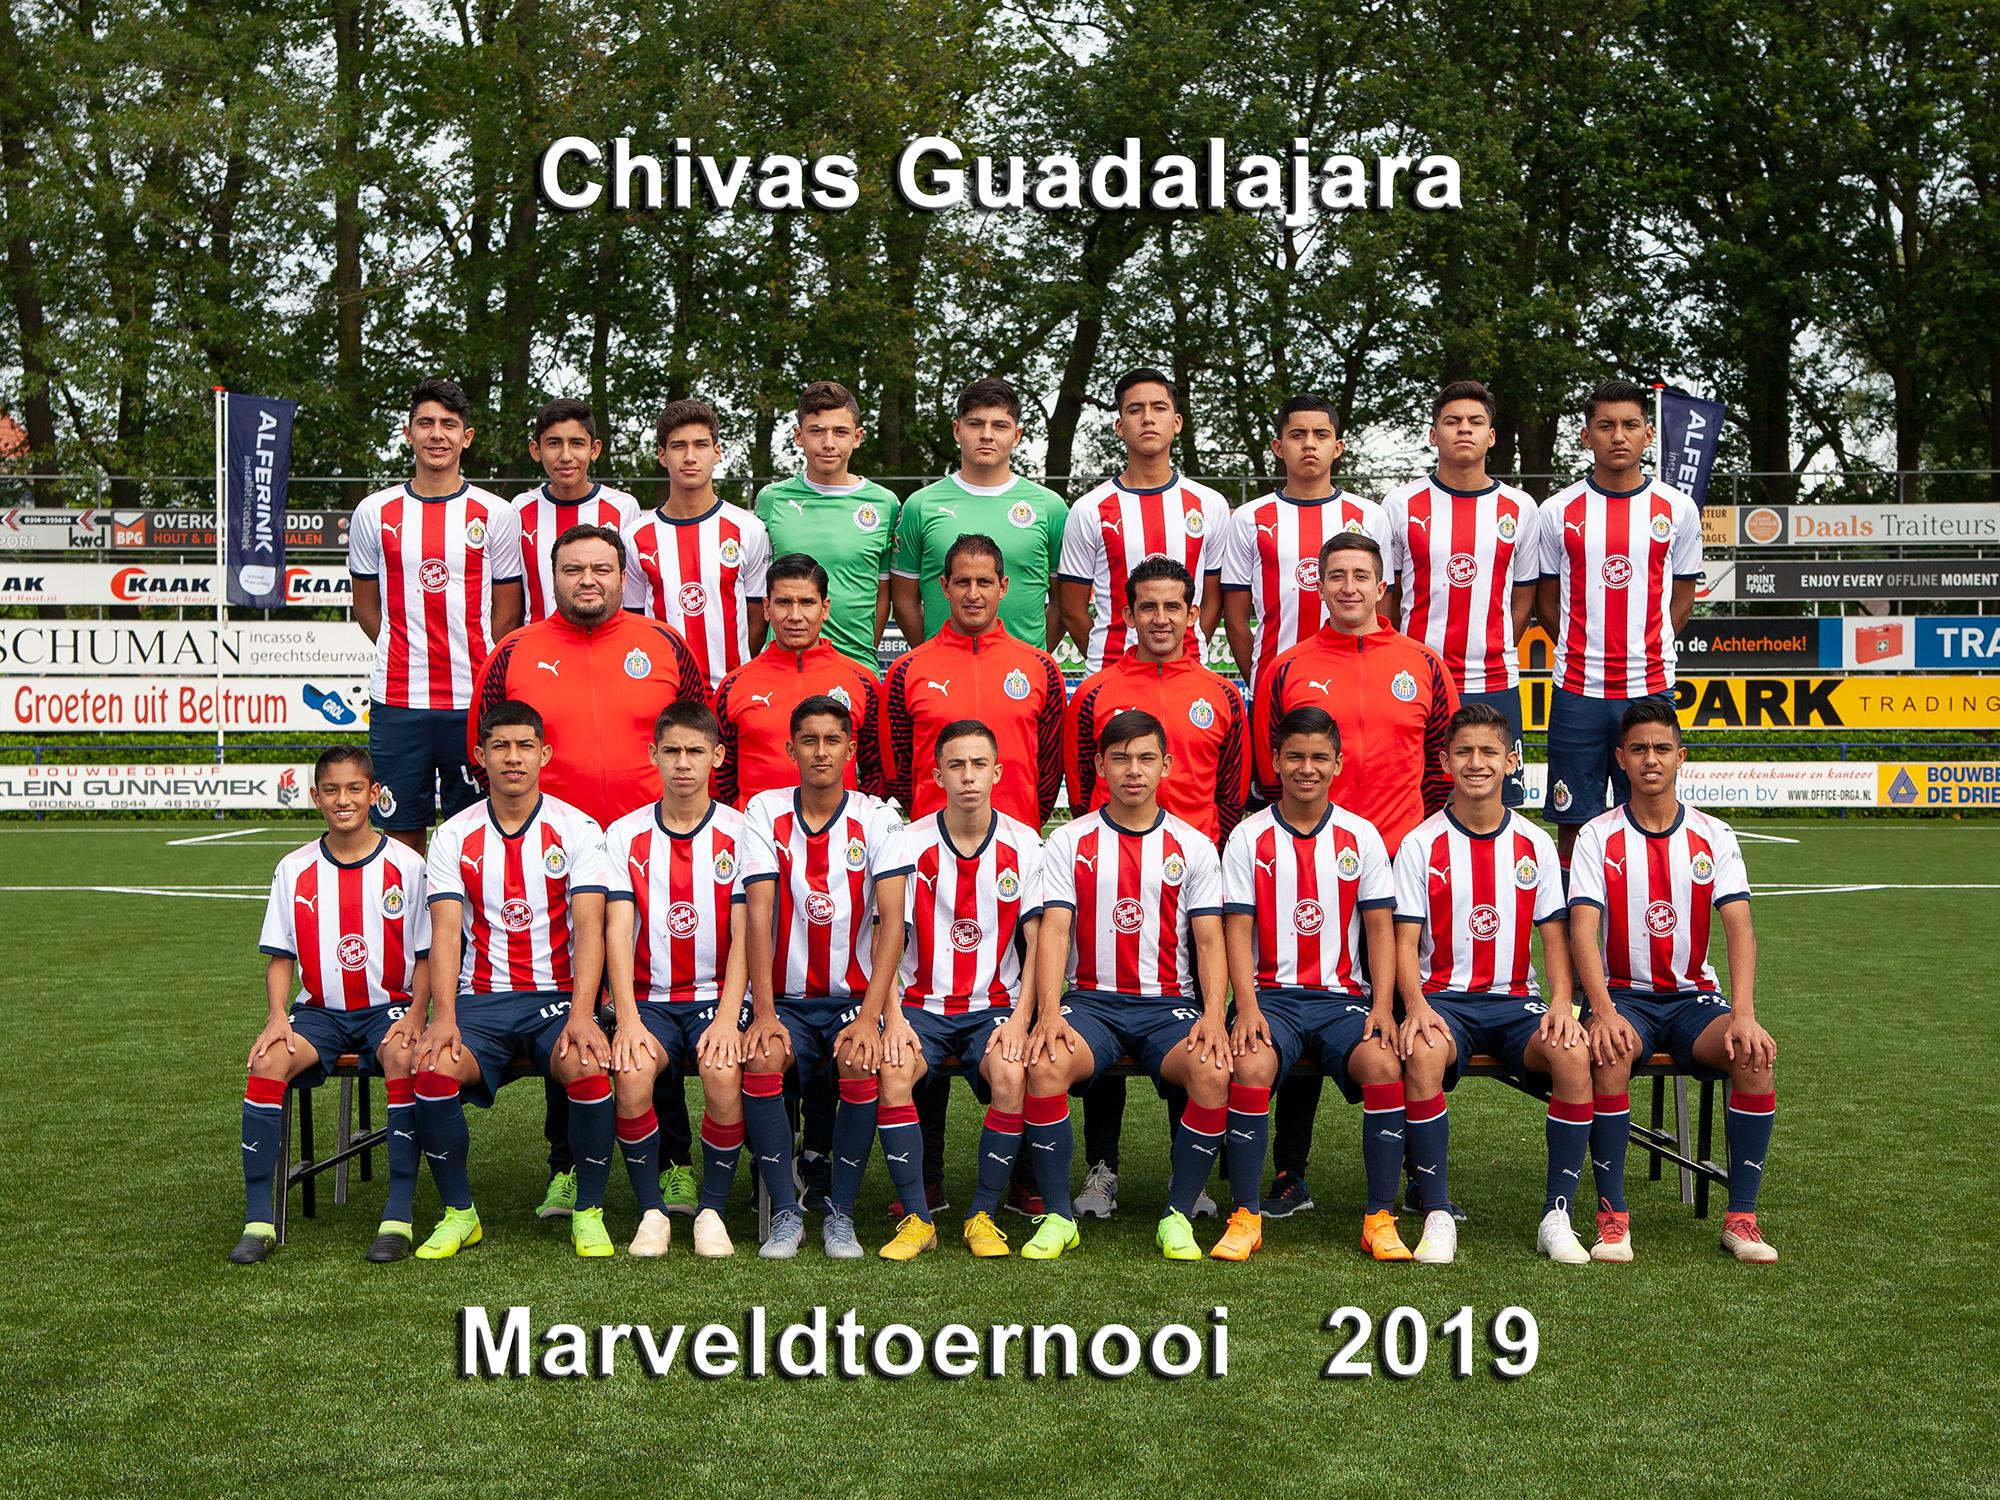 Marveld Tournament 2019 - Team Chivas Guadalajara